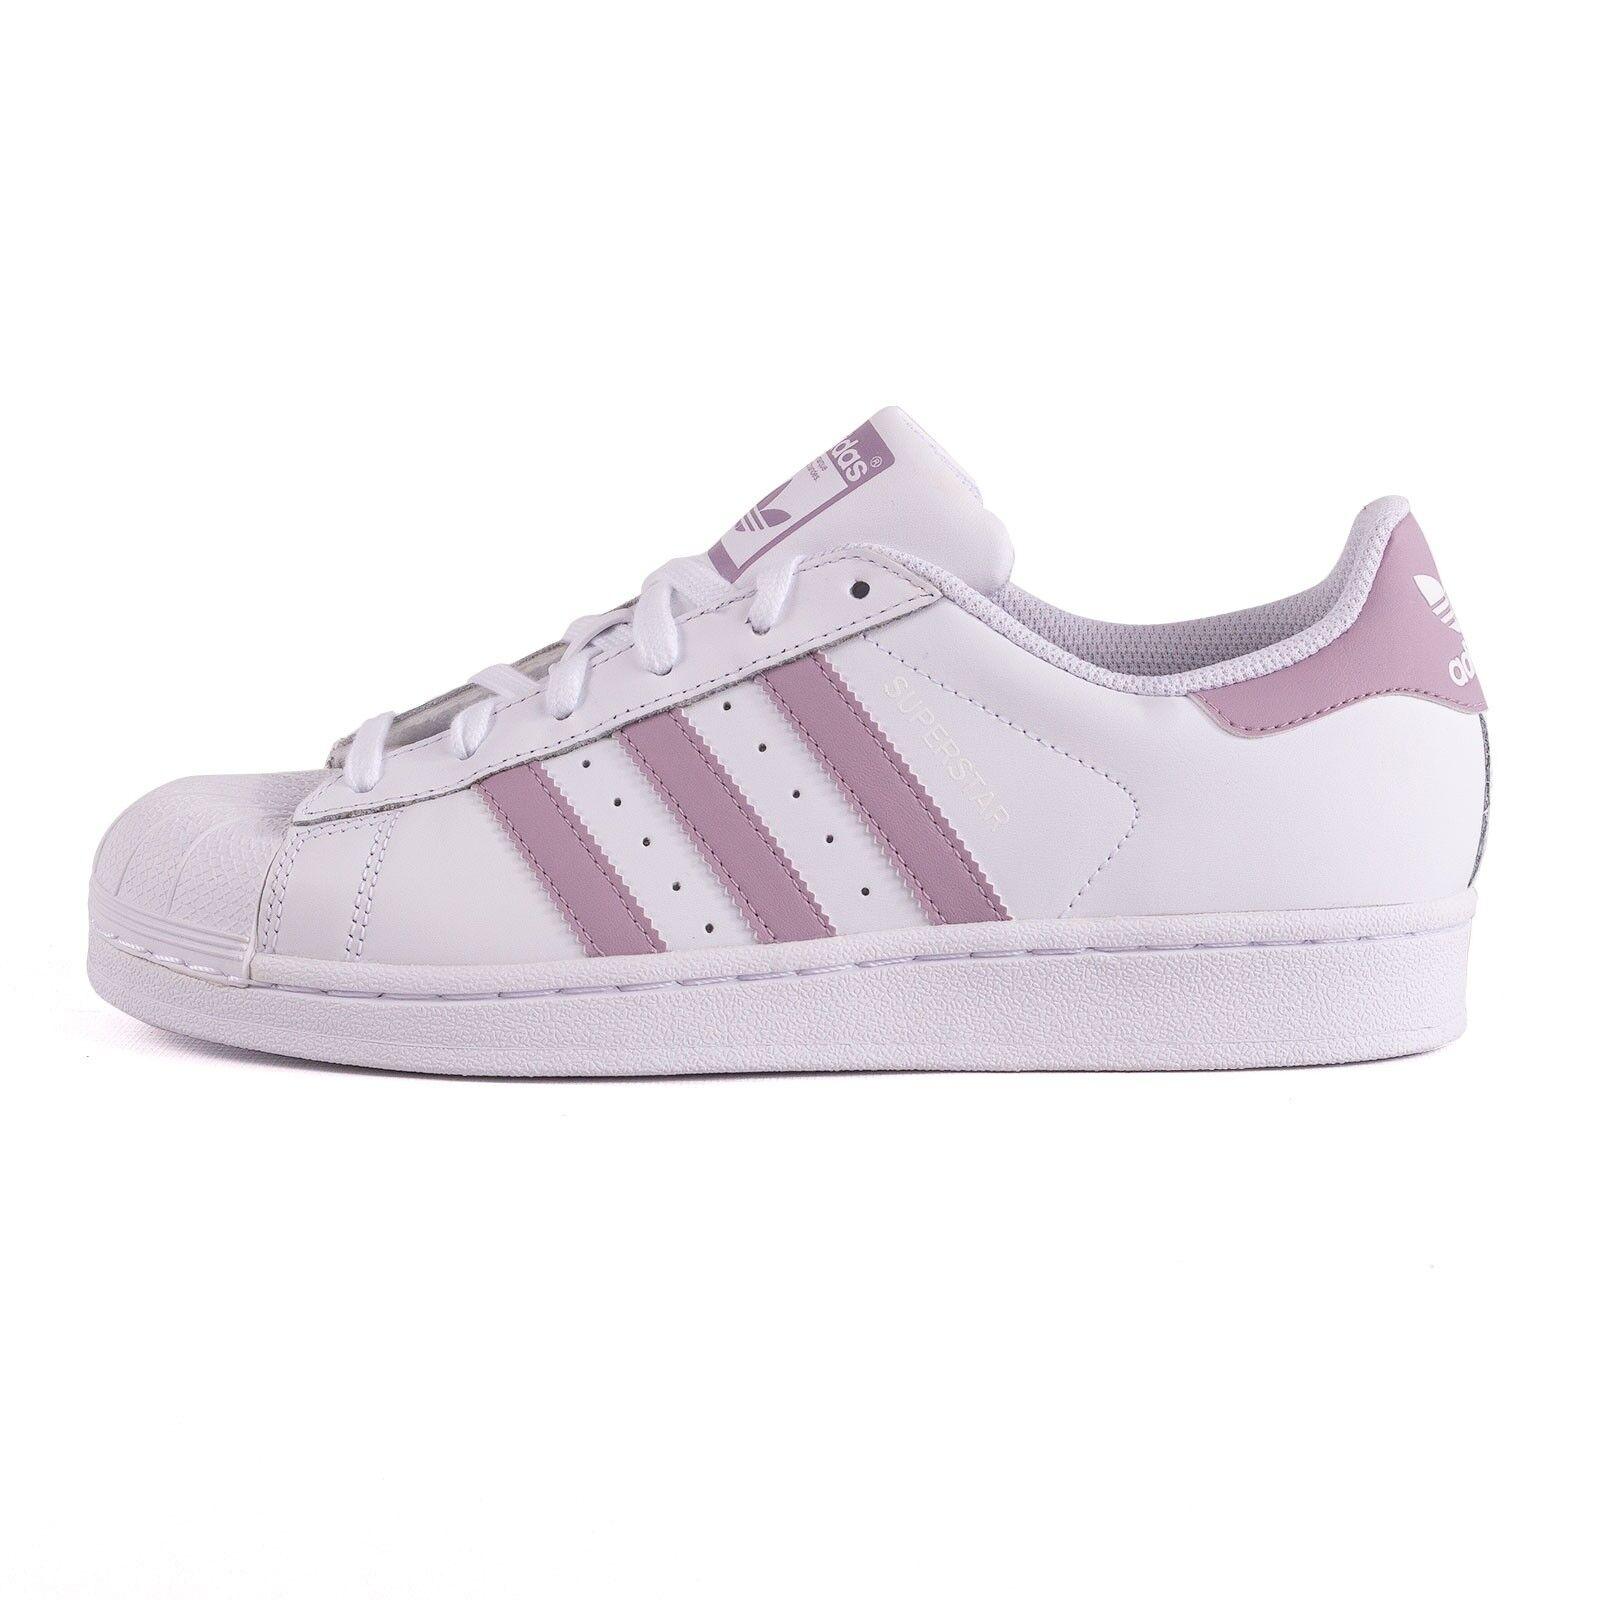 Adidas Superstar W W W Zapatos Zapato de Señora Deportiva Color blancoo Sofvis 51501  promociones emocionantes